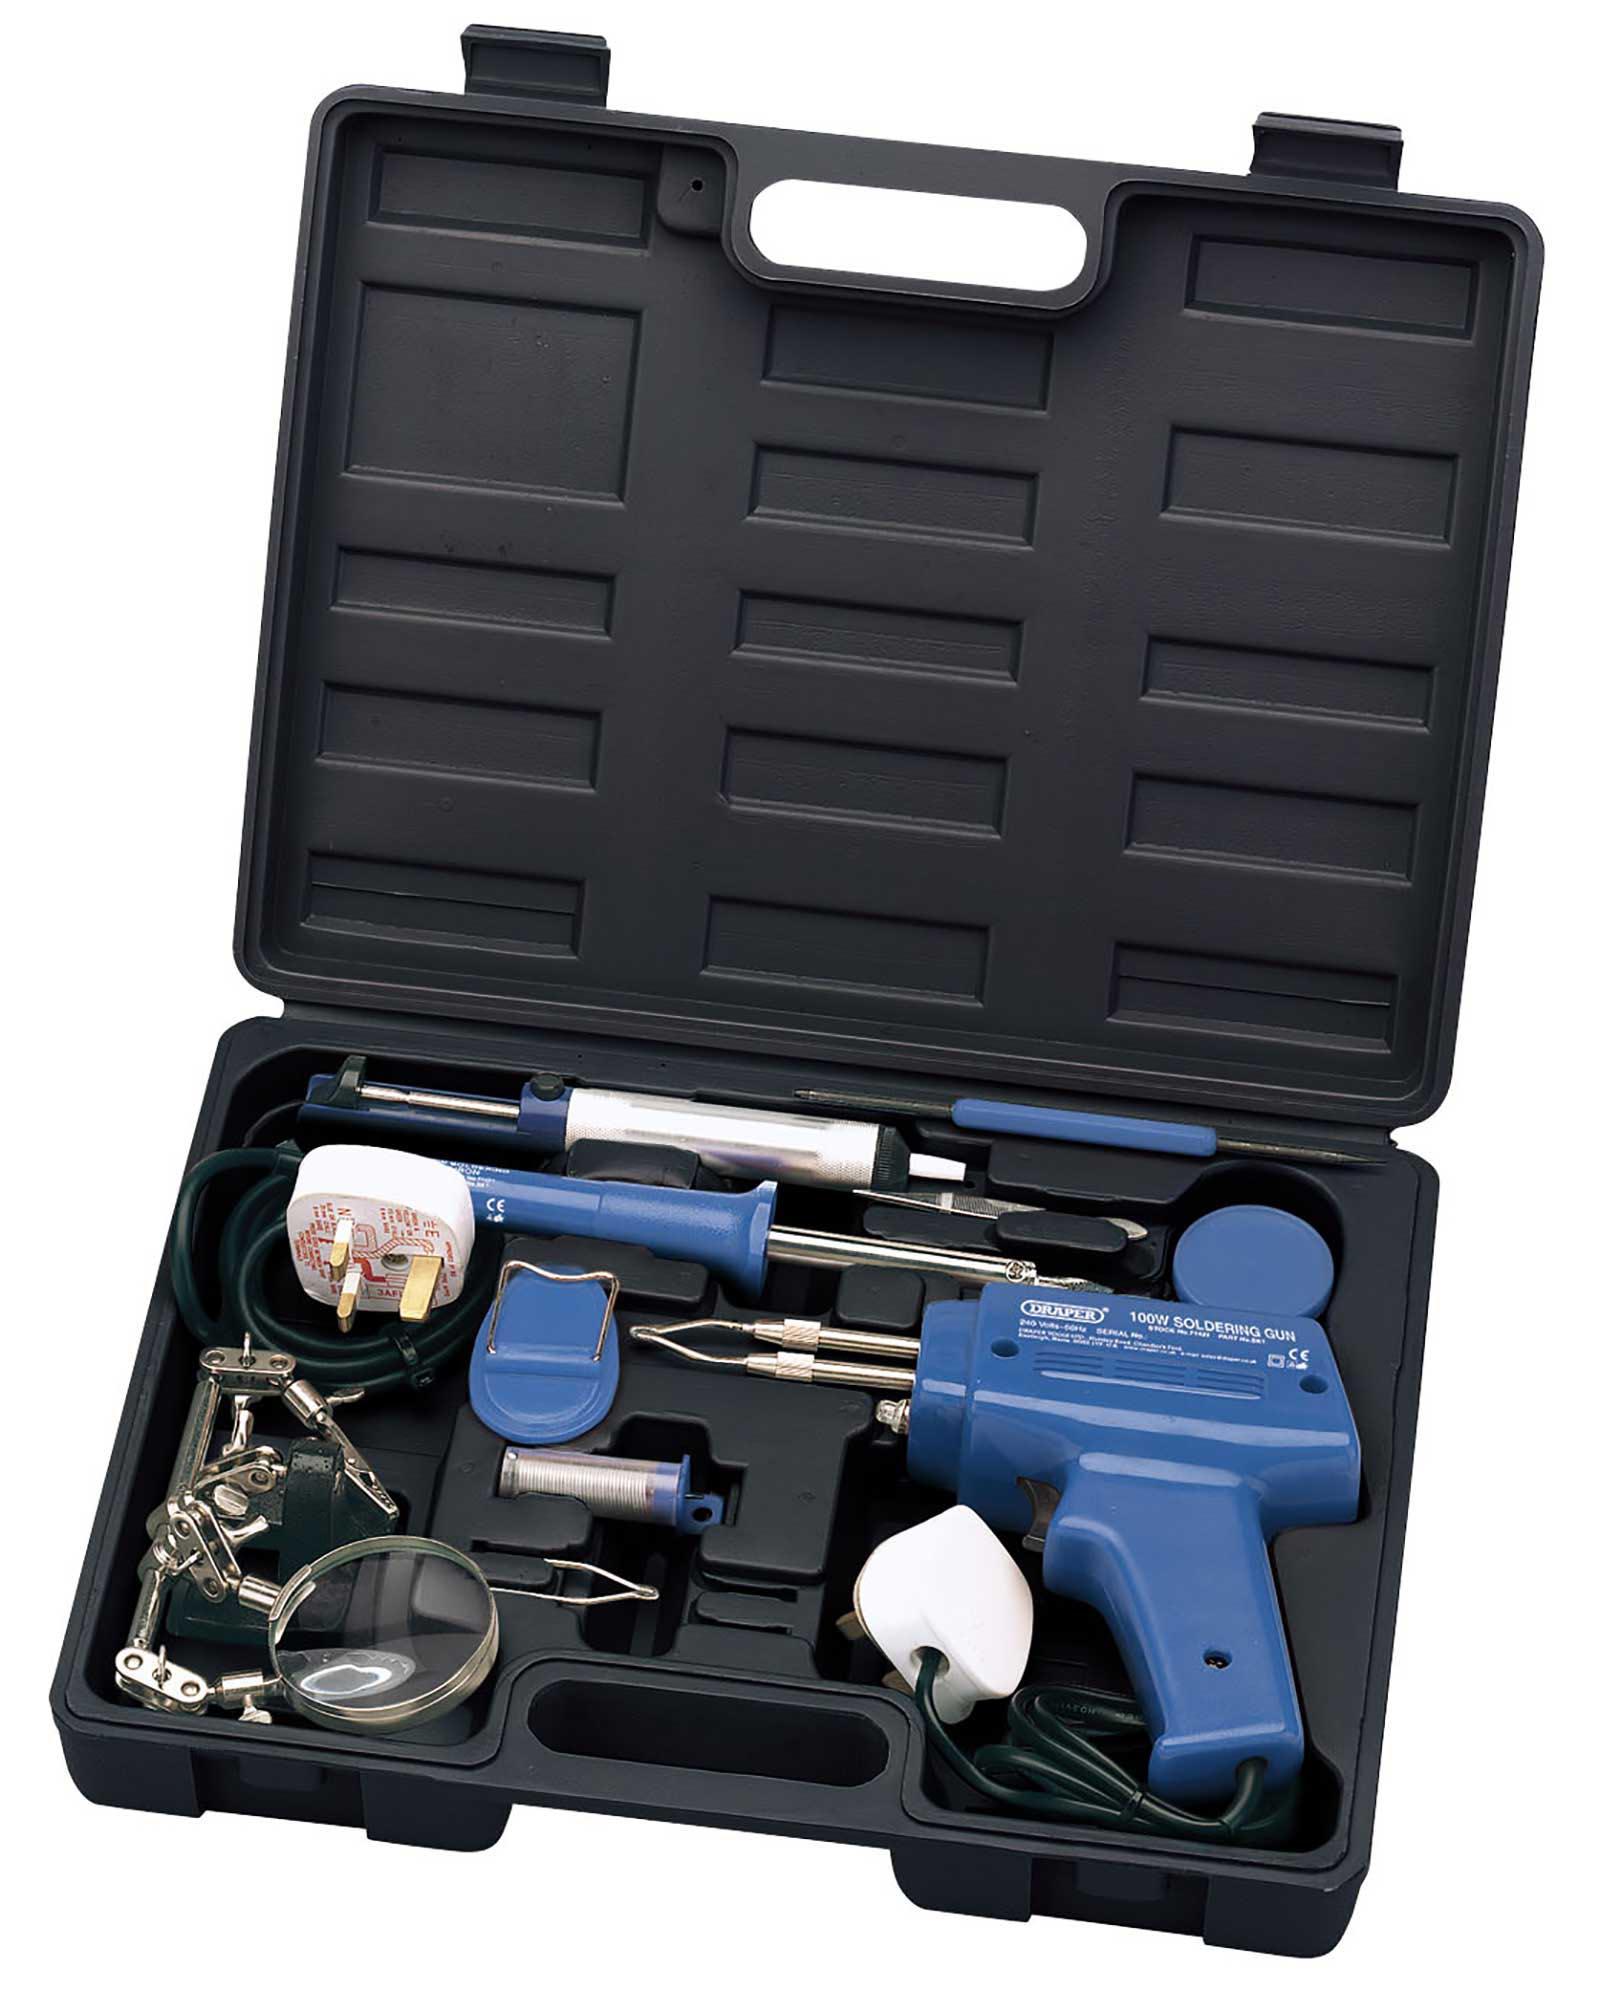 Draper Complete Soldering Iron Gun Kit with Solder Flux Sucker & Helping Hands